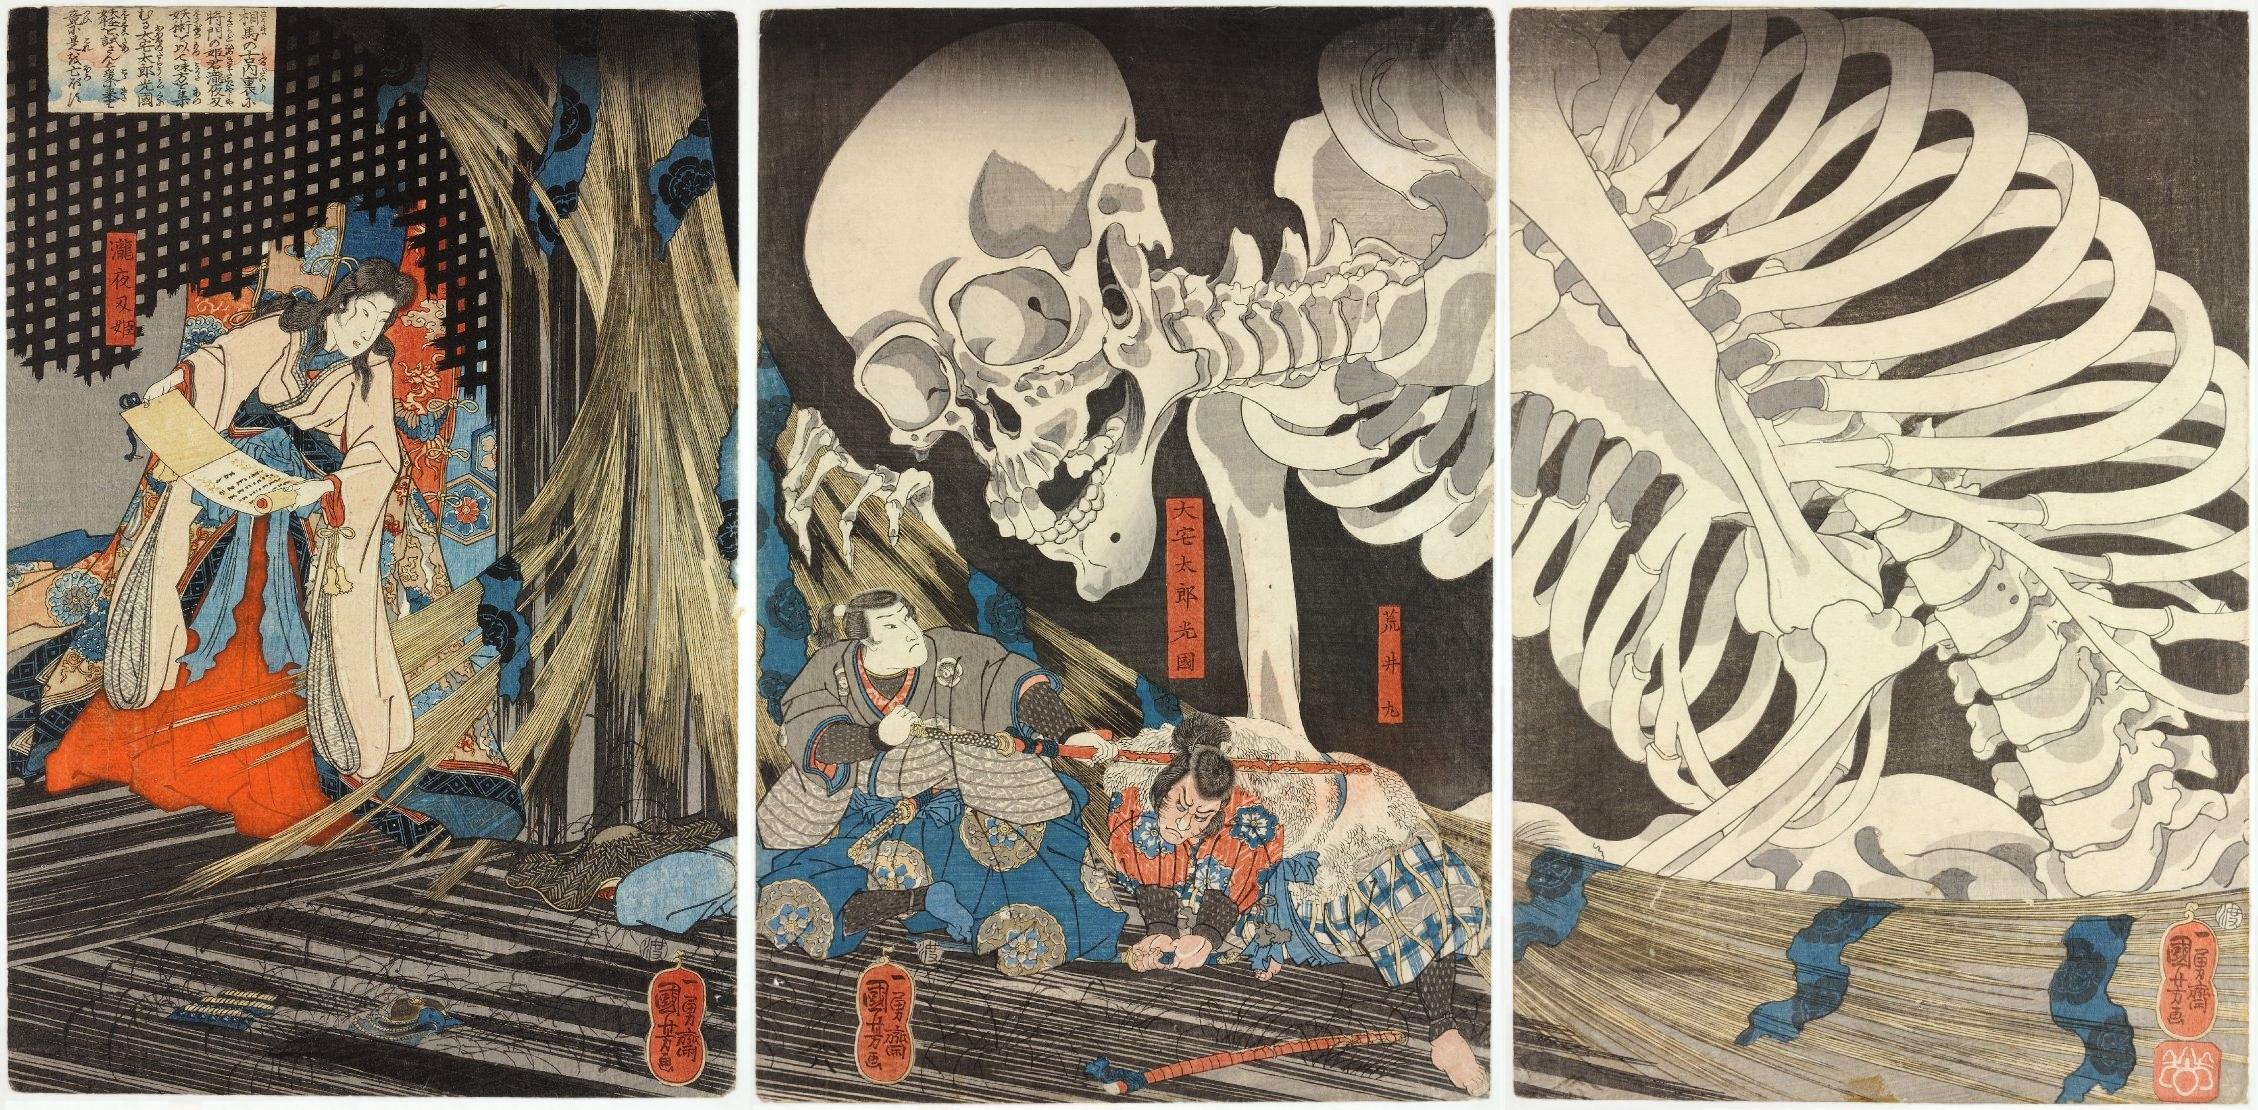 Takiyasha_the_Witch_and_the_Skeleton_Spe